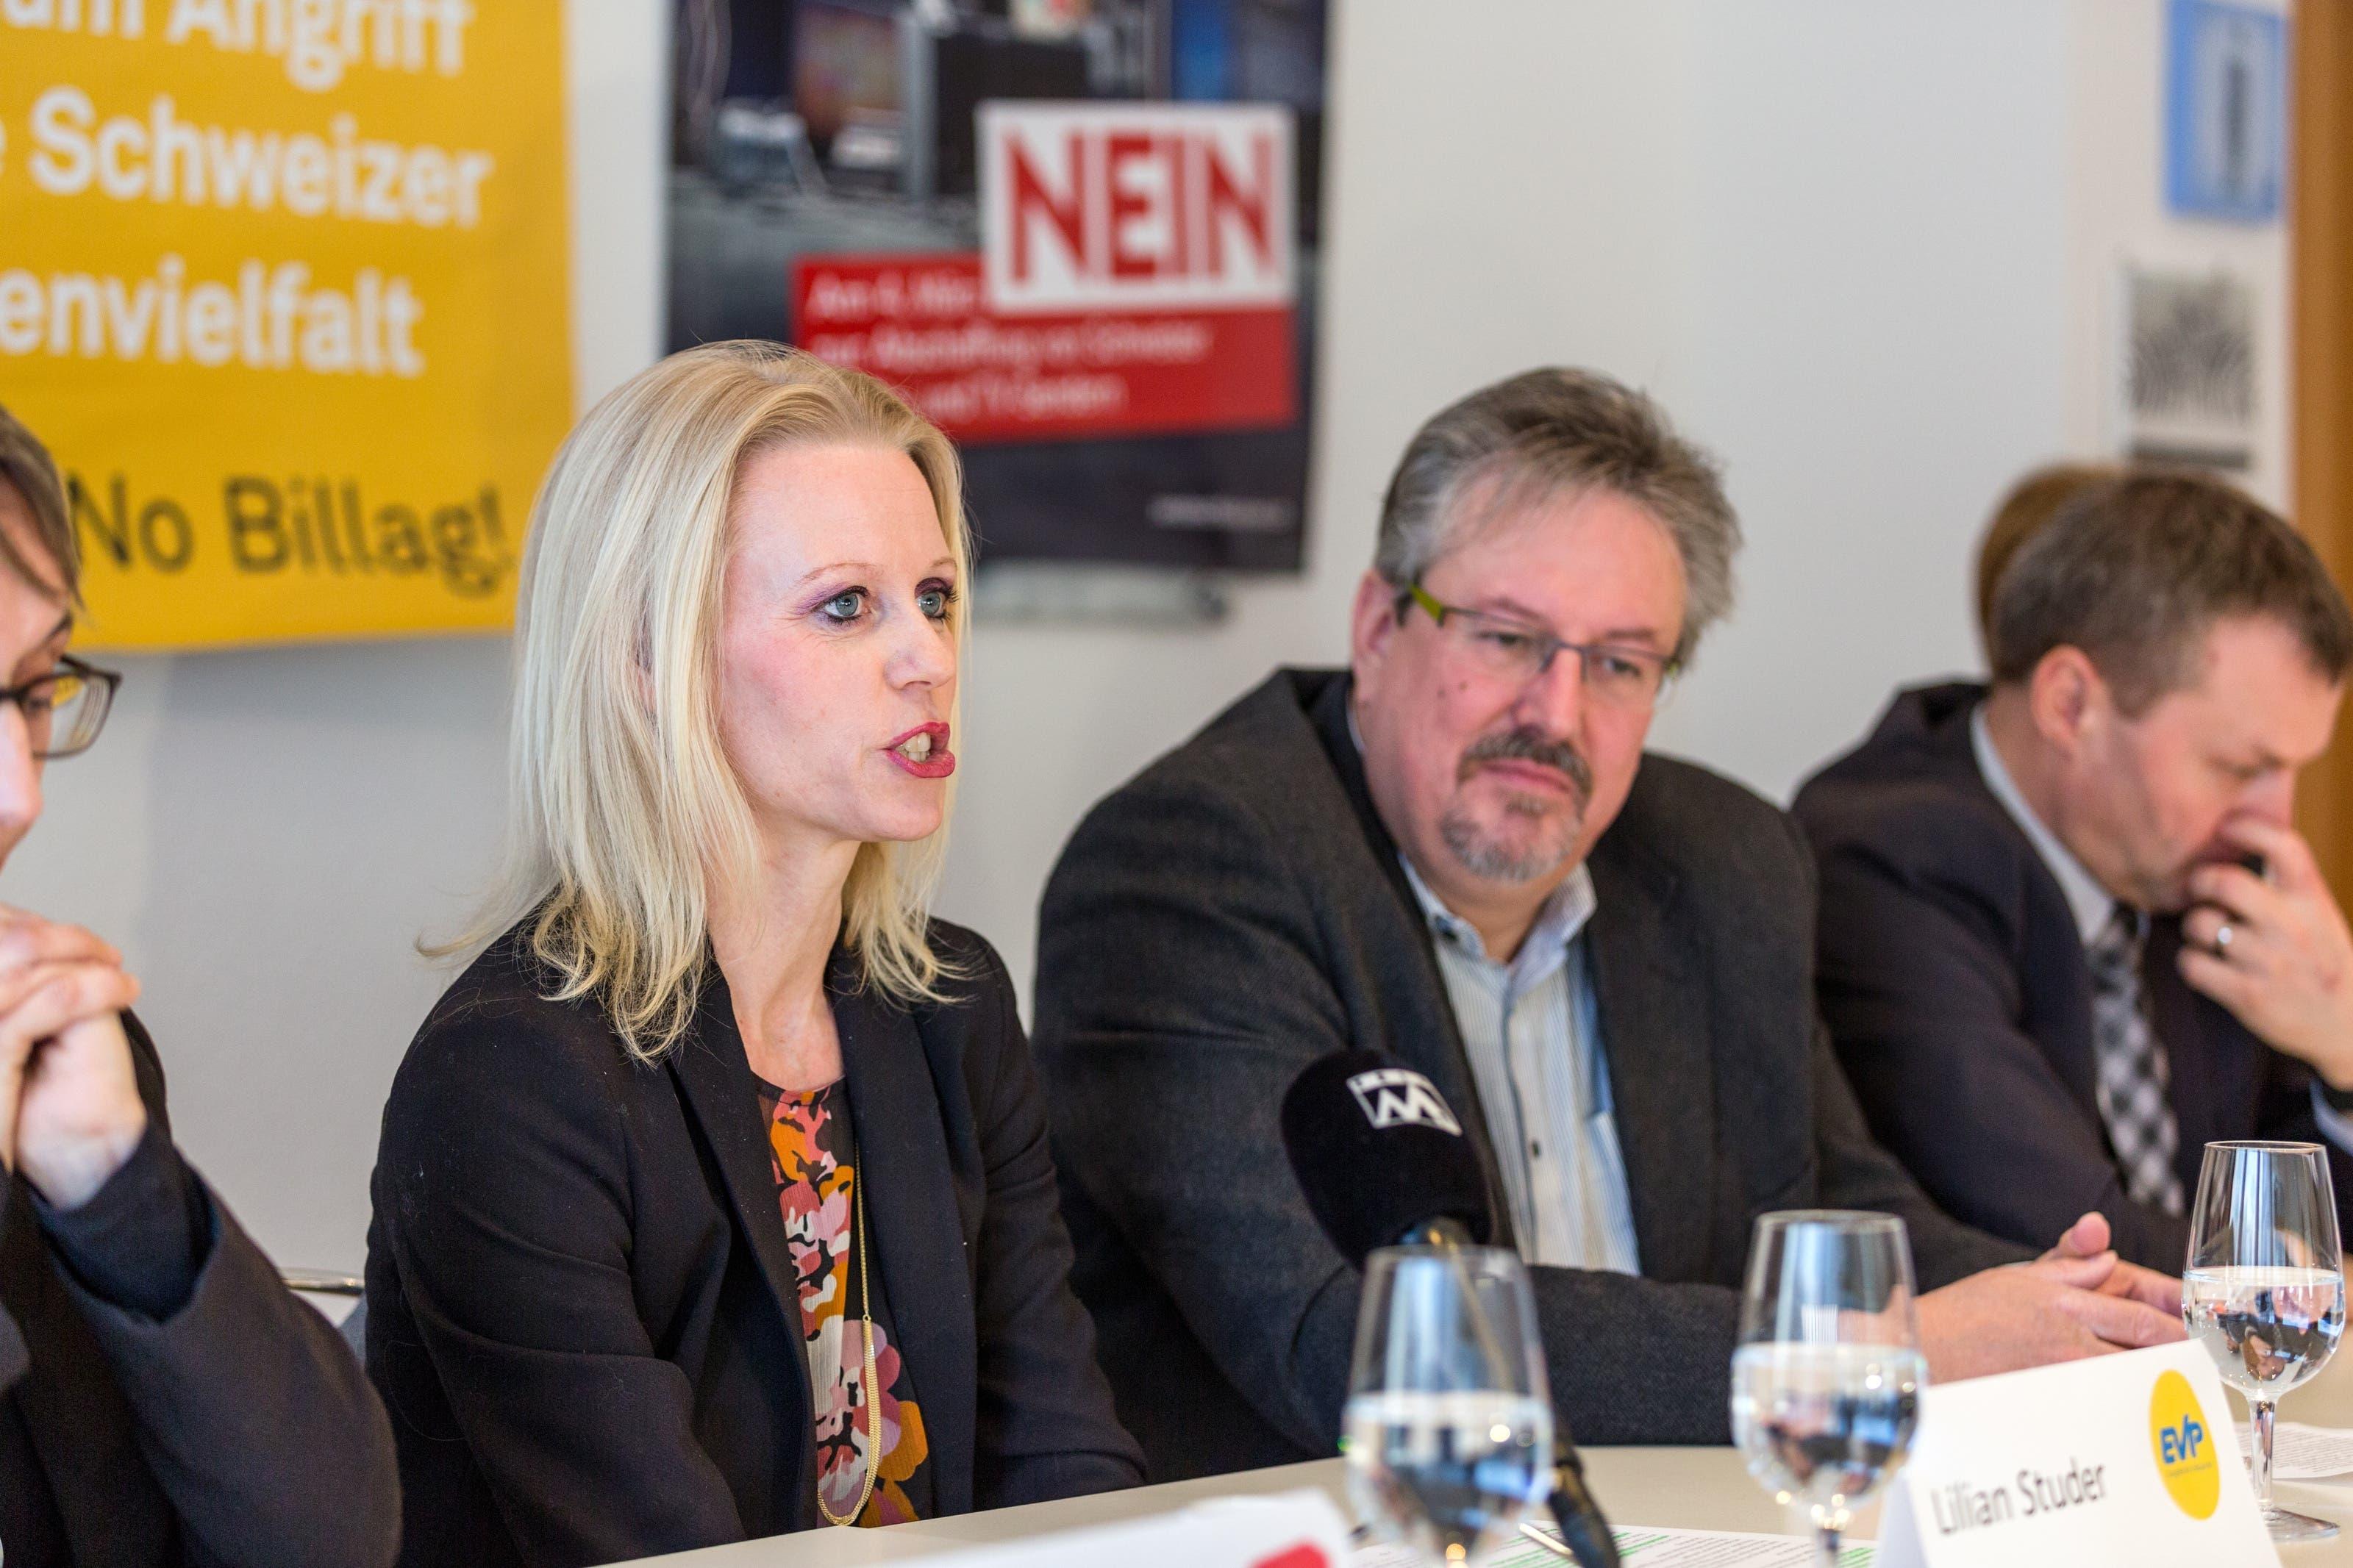 No Billag Abstimmung Im Bild: Liliane Studer (EVP), Beat Flach (glp), Bernhard Guhl (BDP)